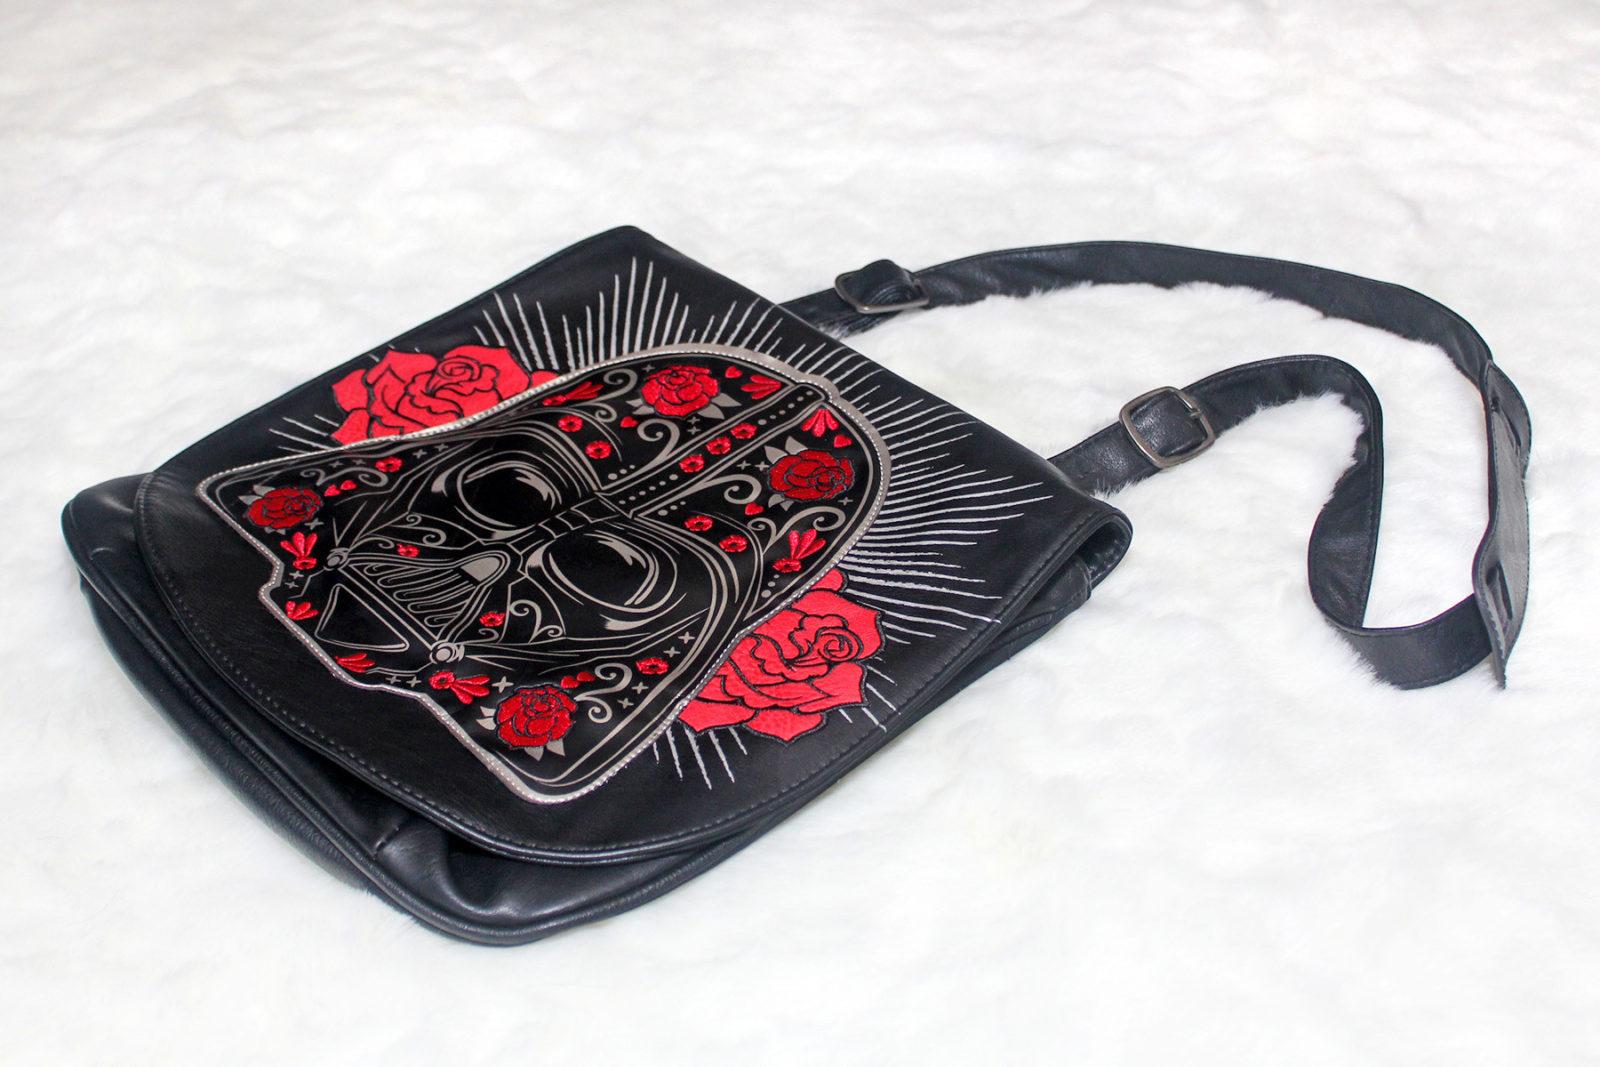 Win this Loungefly Darth Vader handbag!